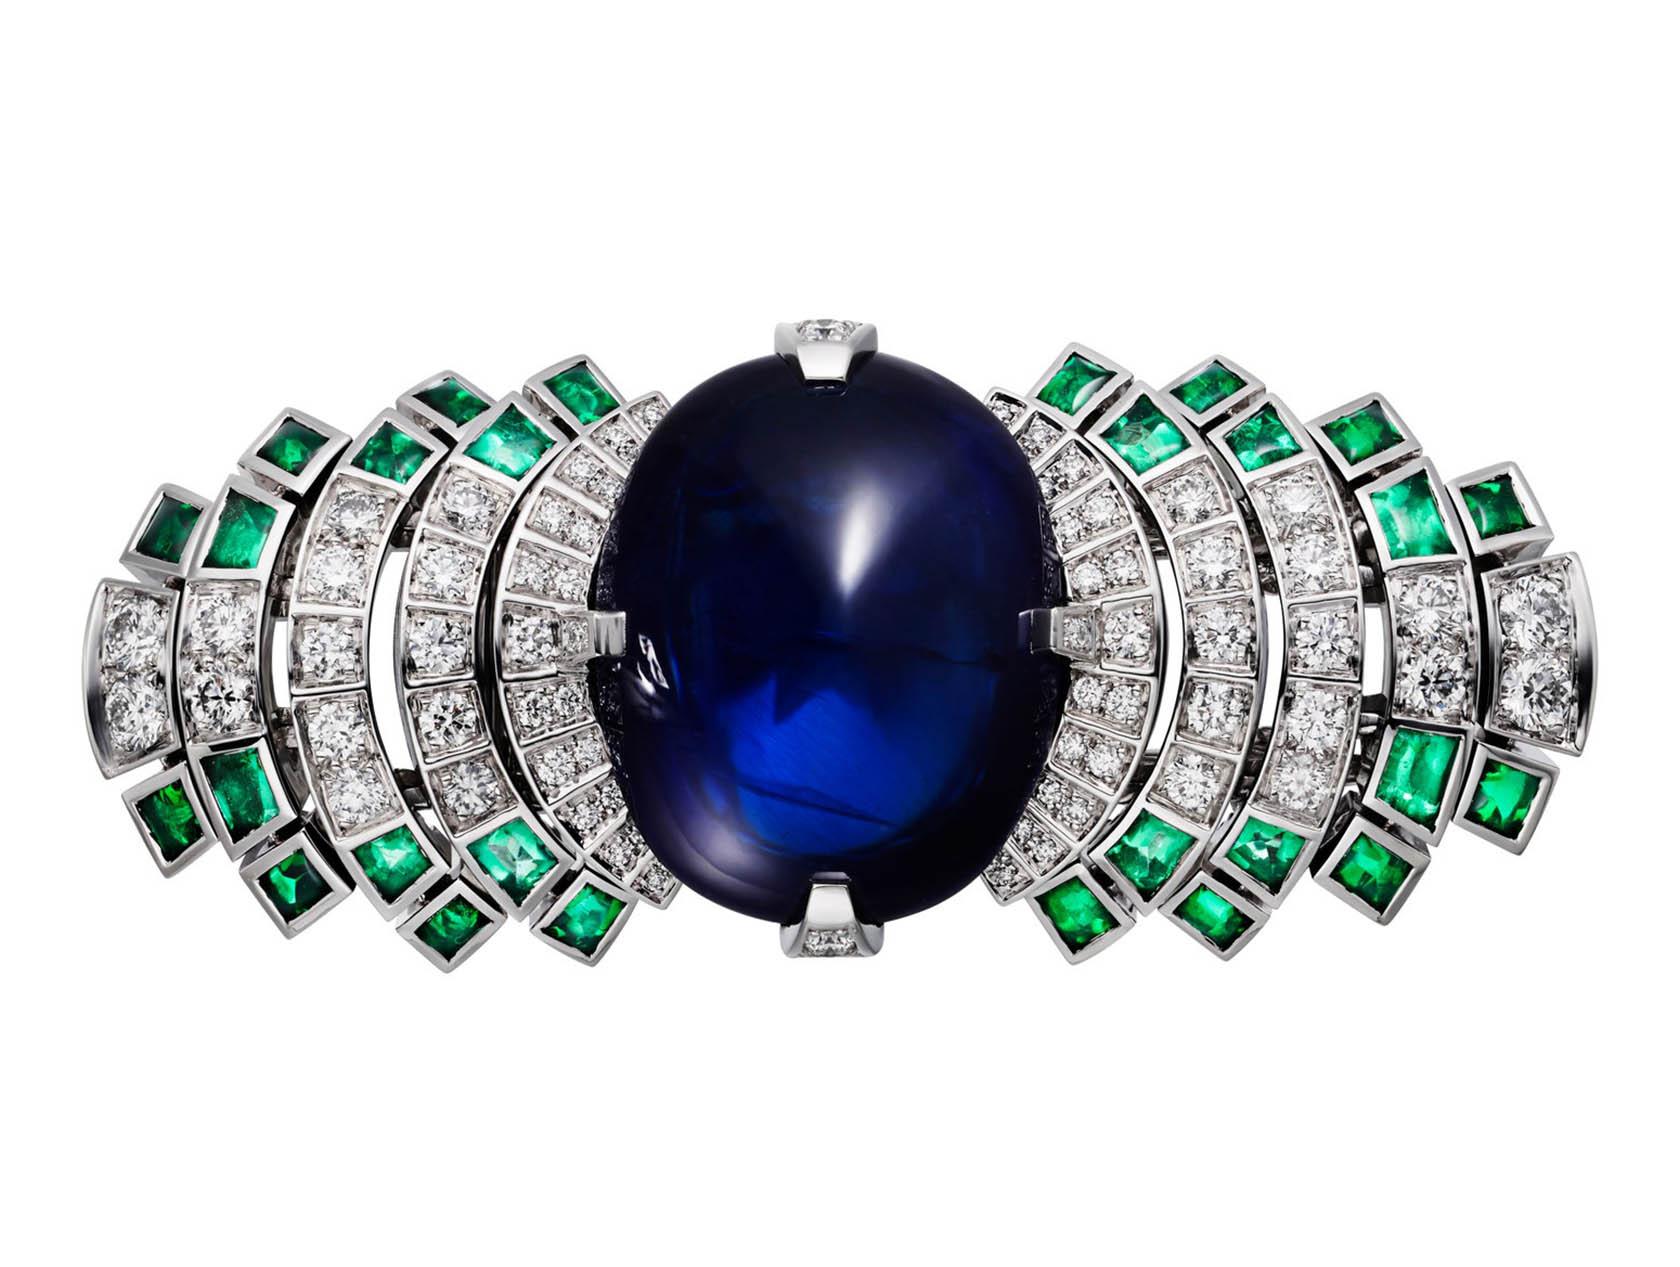 Кольцо Cartier Parhelia, сапфиры бриллианты изумруды. Вид сверху